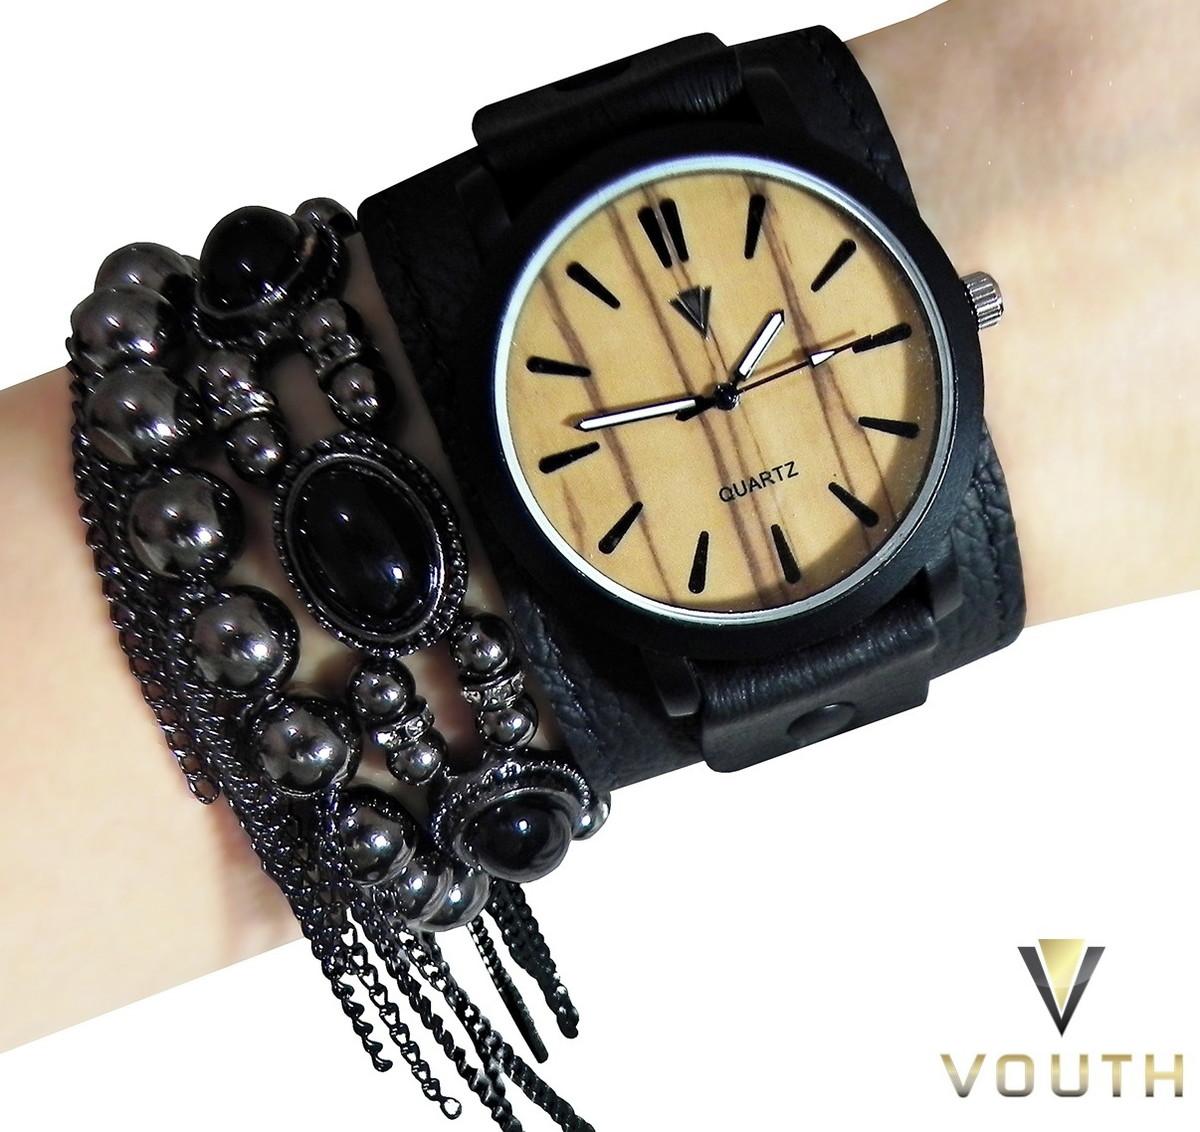 a6a1e516944 Relógio Feminino Com Bracelete Preto no Elo7